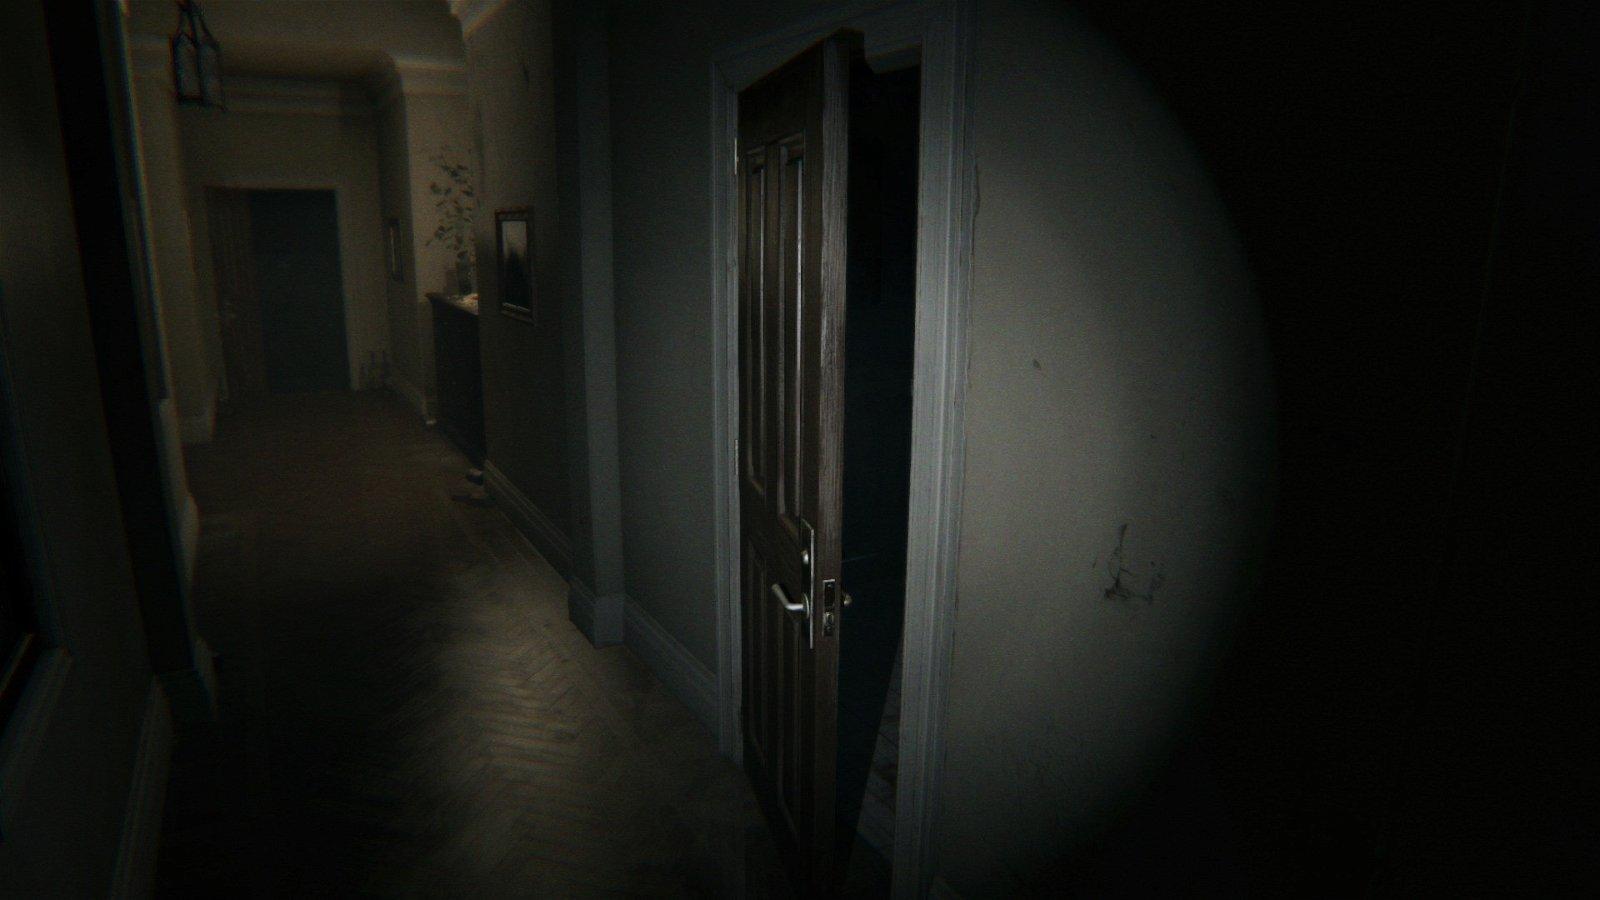 Silenthillsinsert2